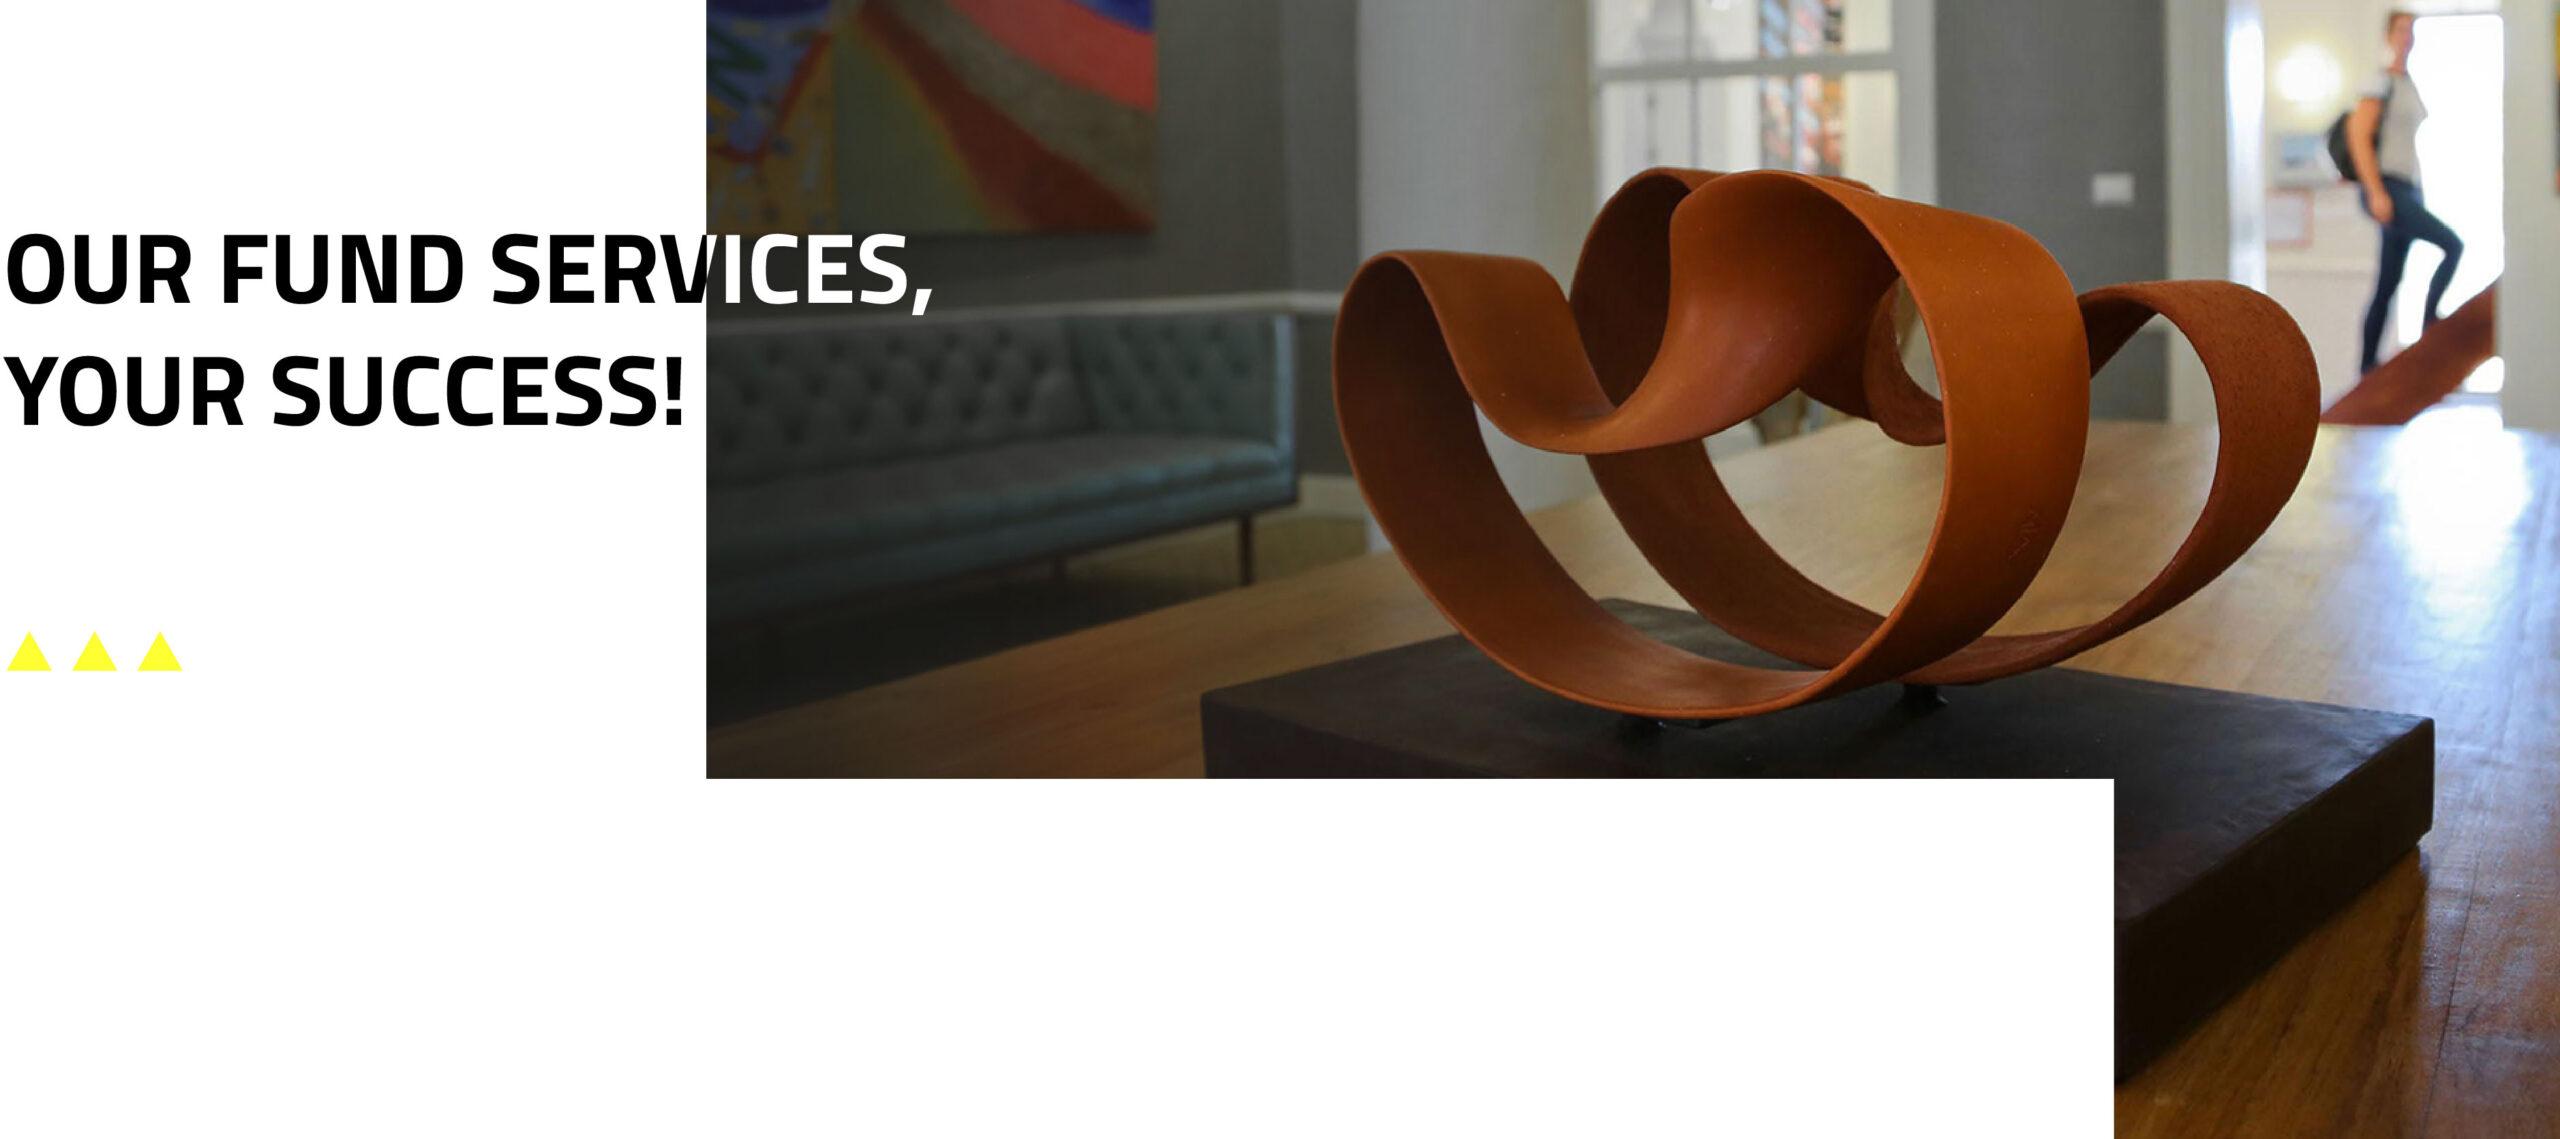 Fund-Services